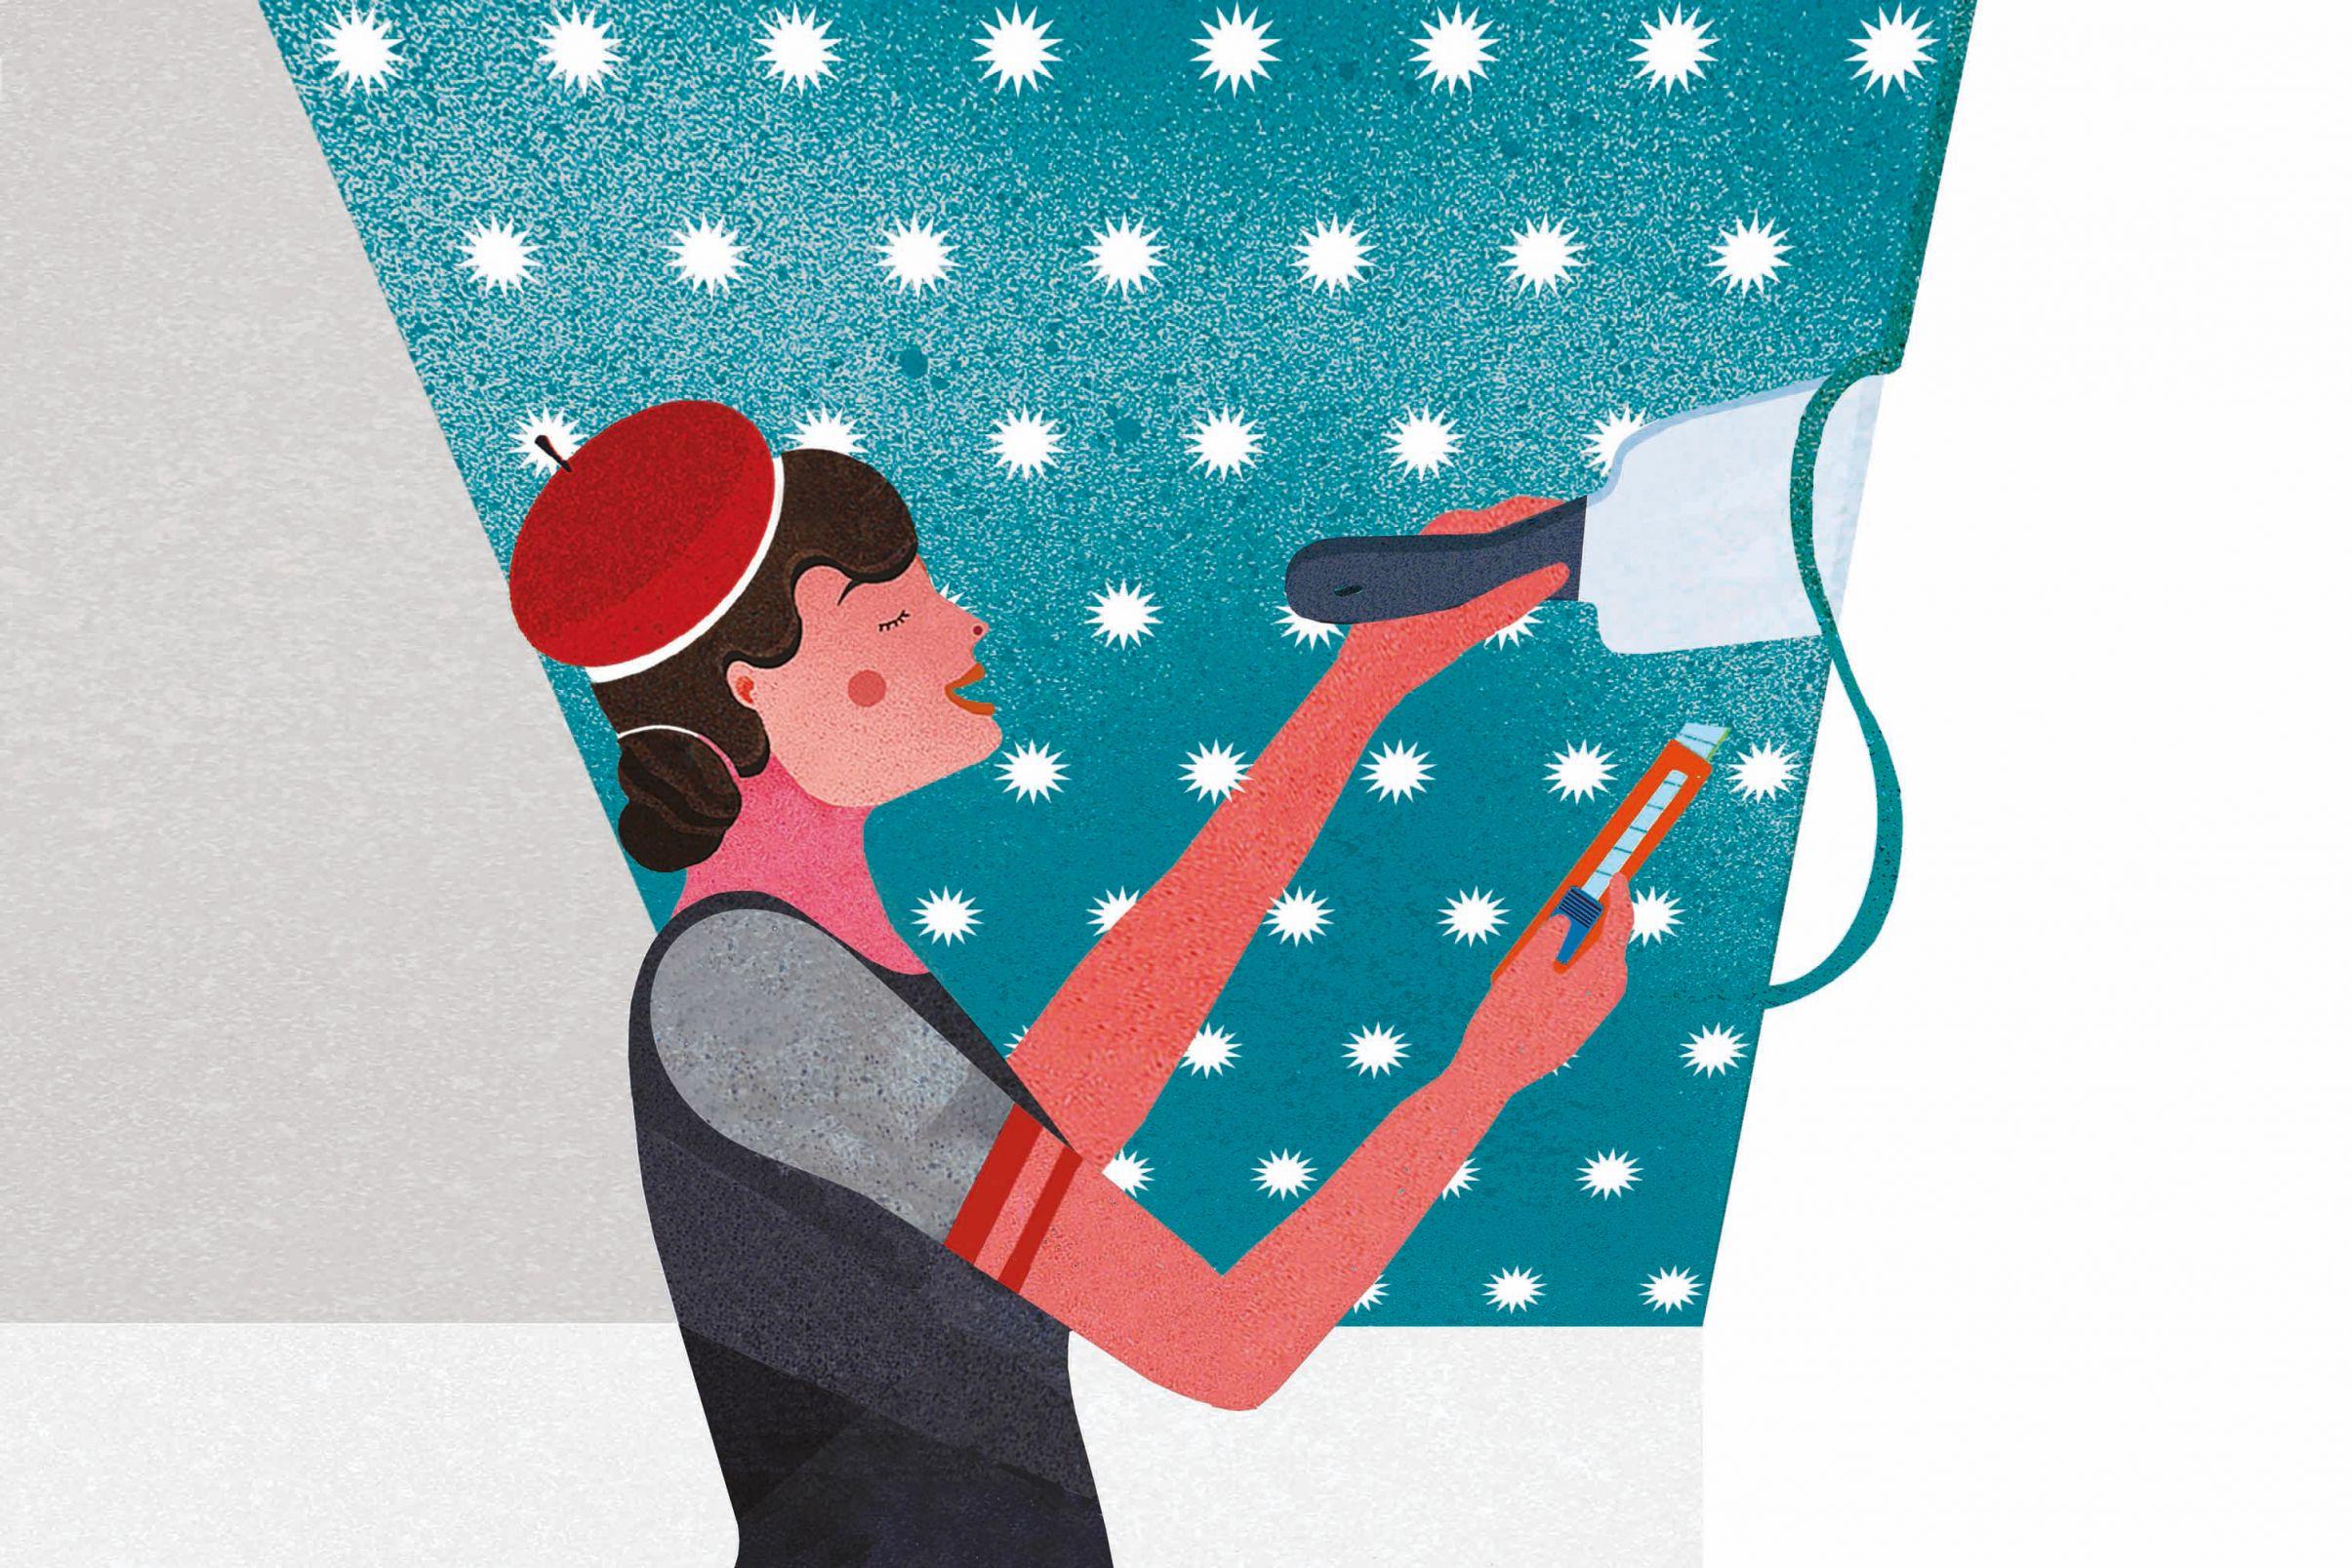 Come-tappezzare-il-soffitto-Tagliare-le-eccedenze